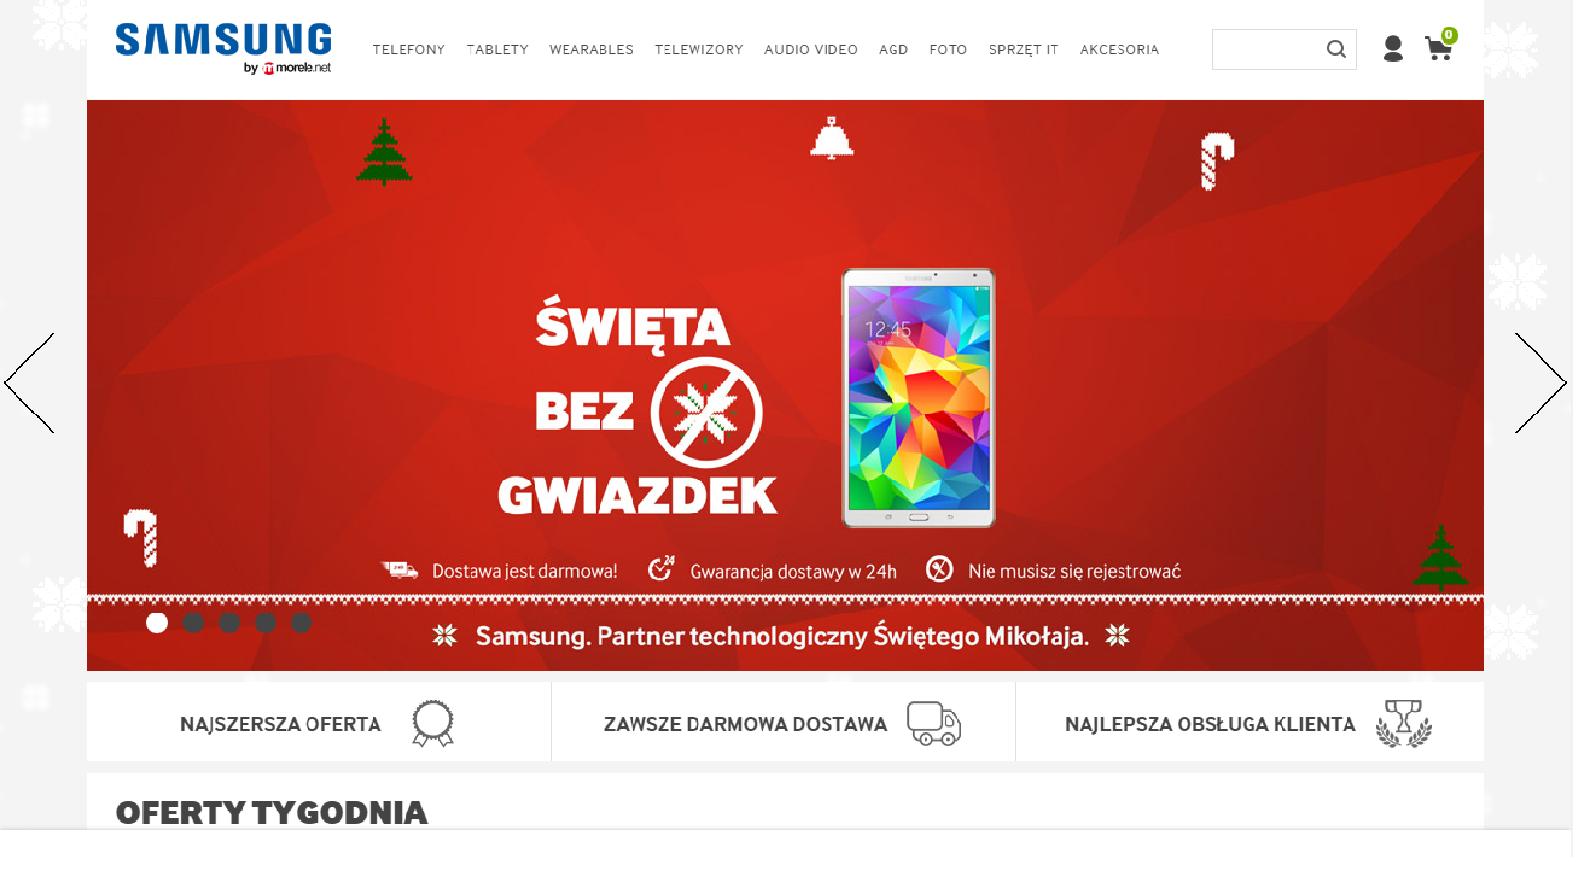 Strefa Samsunga w Morele.net